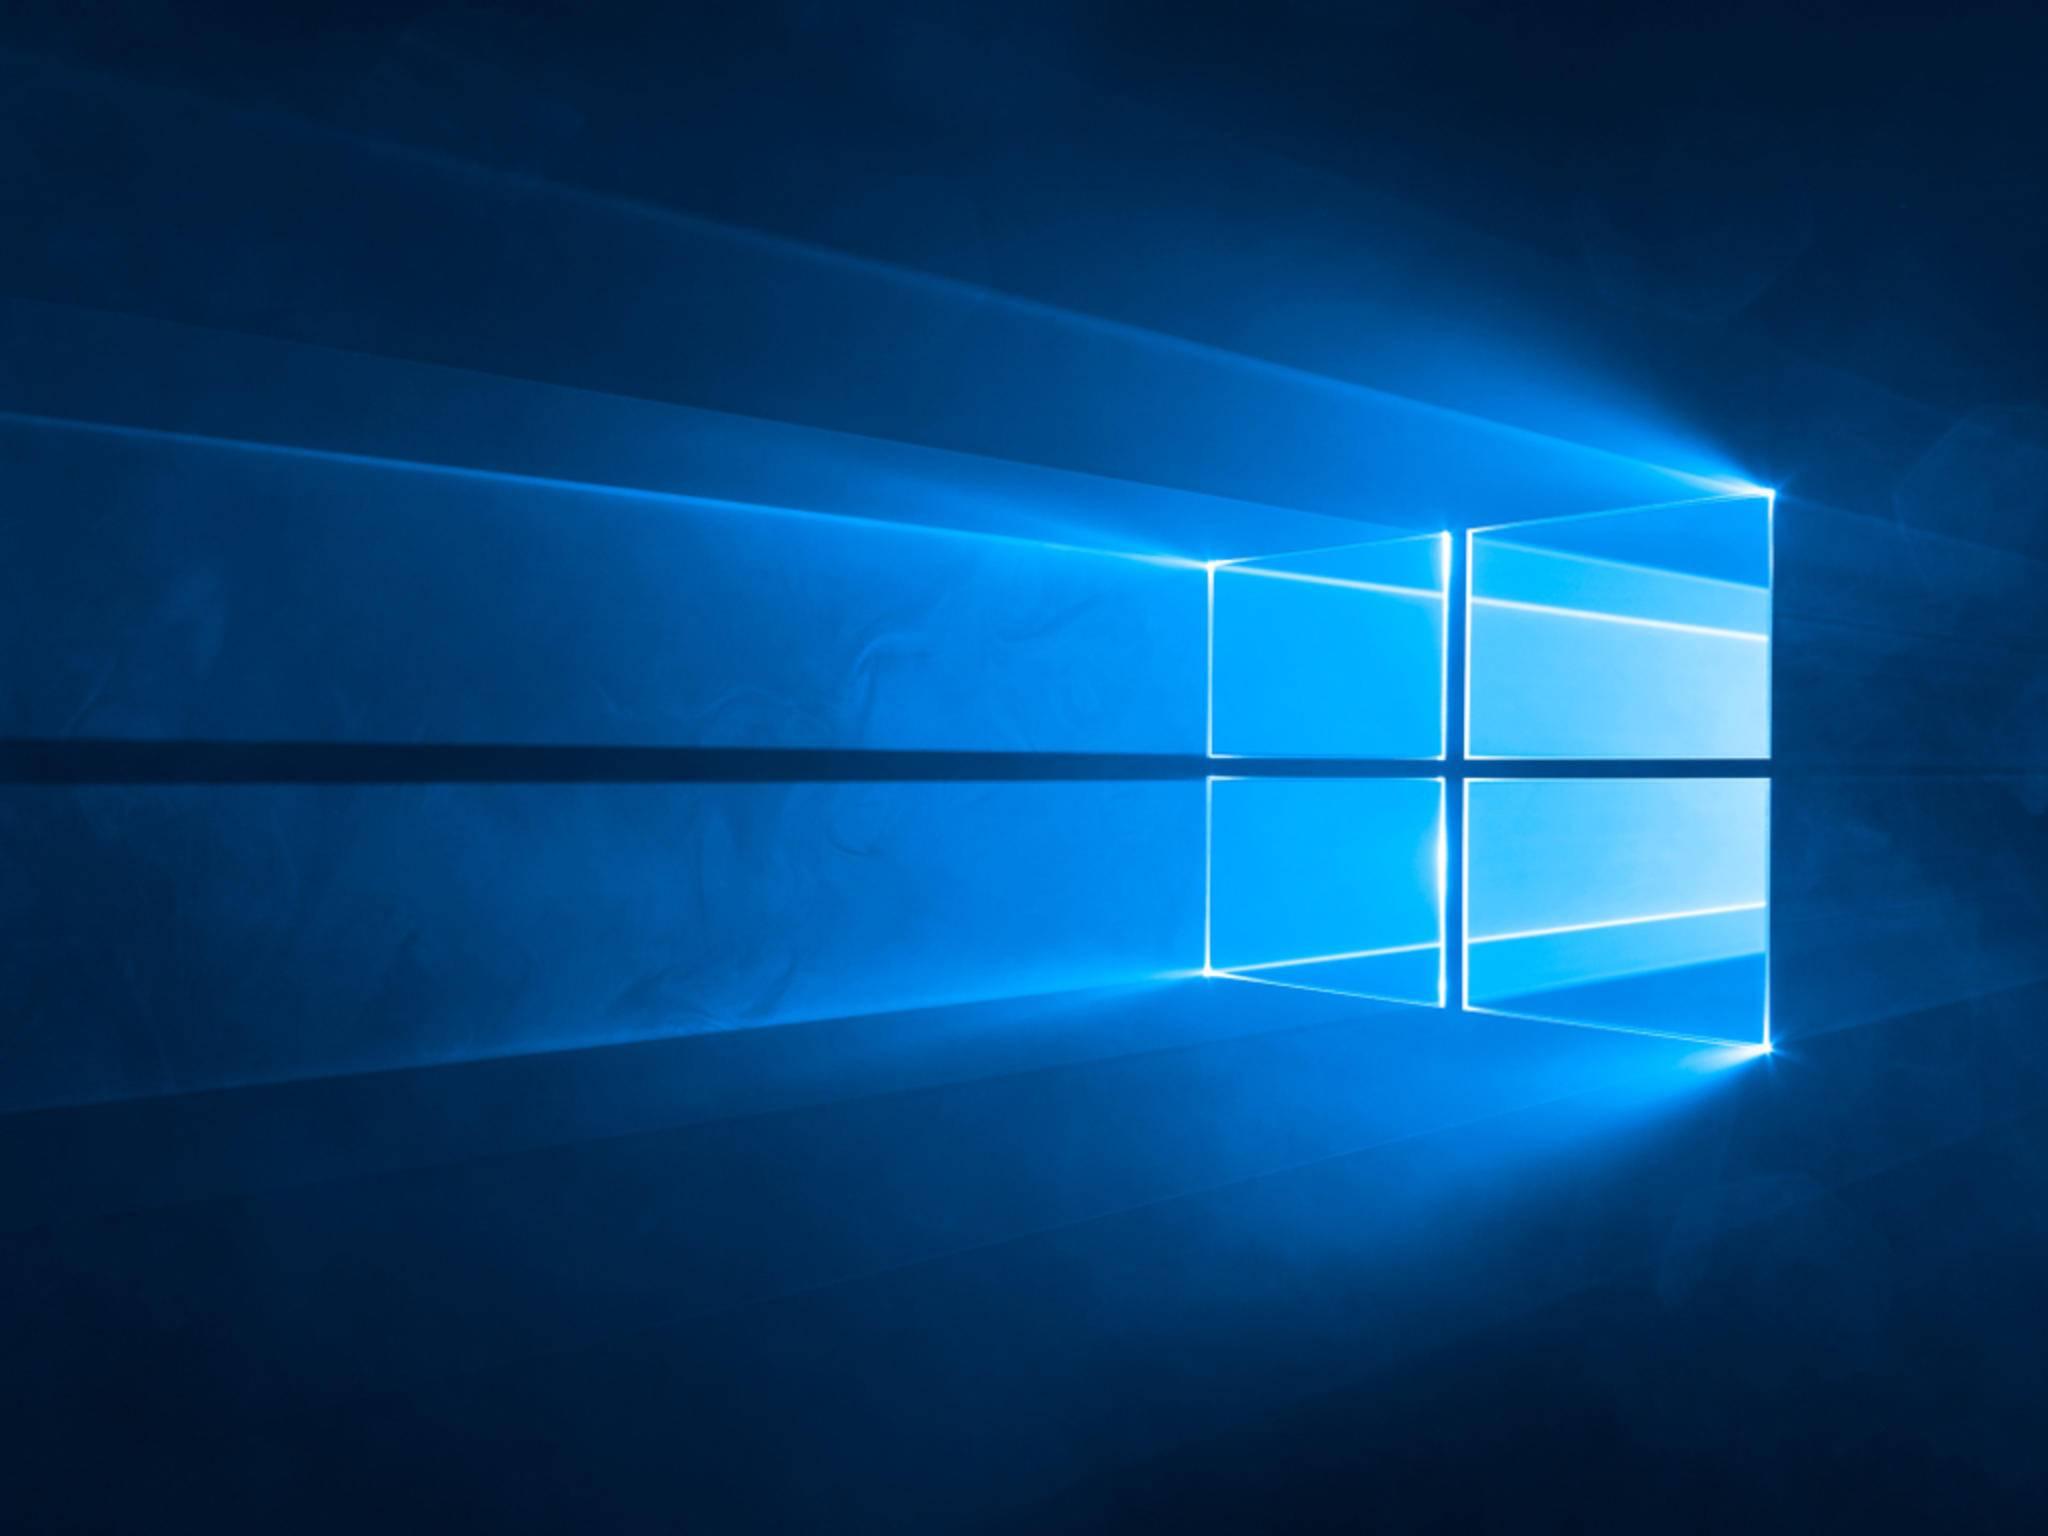 Mit diesen Tipps gelingt der perfekte Start mit Windows 10.